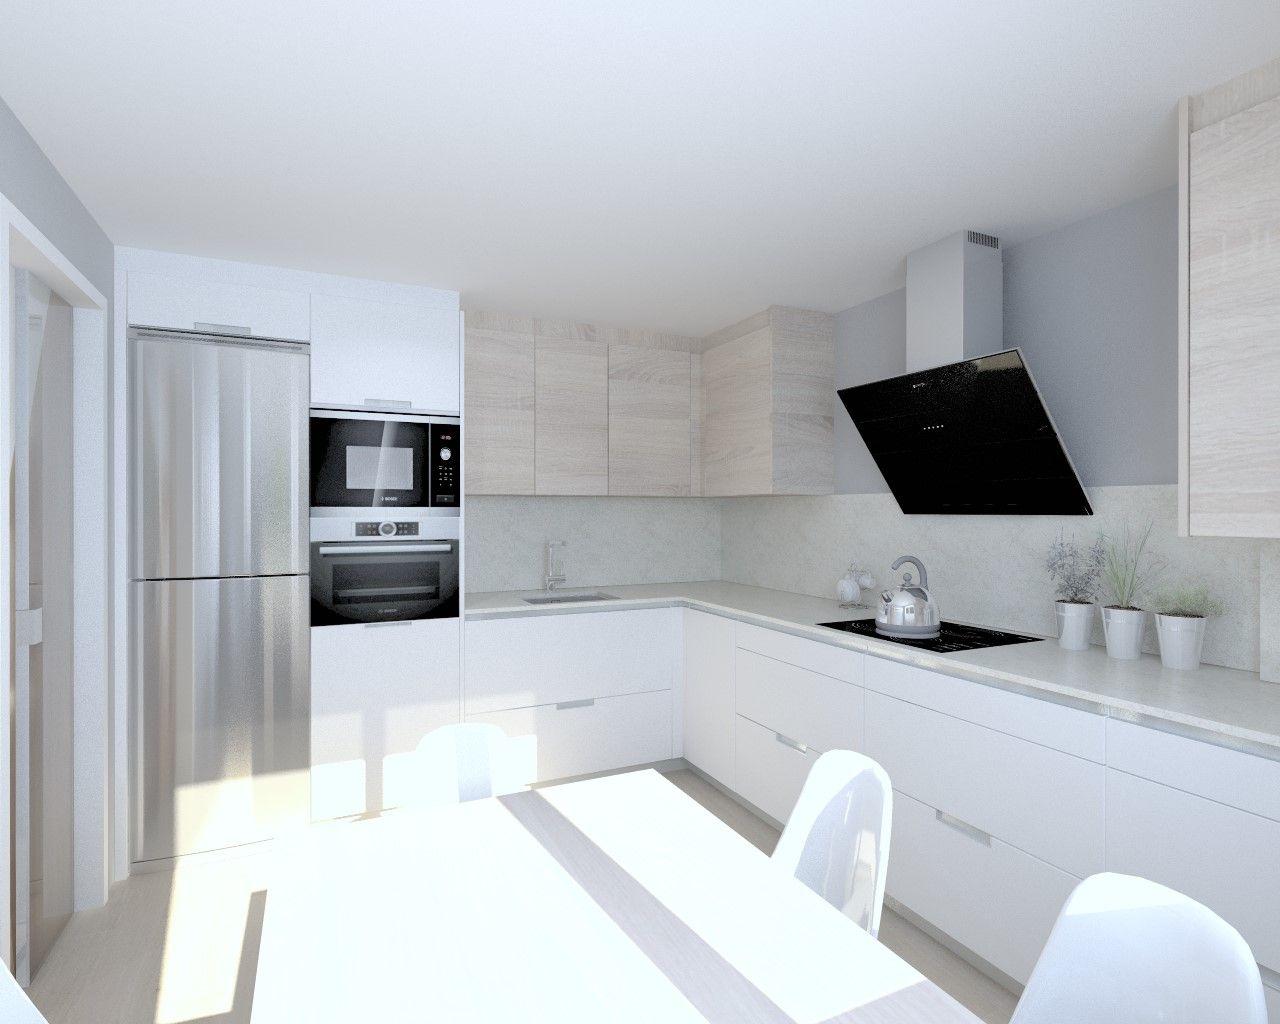 Blanco muebles de cocina con encimeras de color gris oscuro - Cocina Santos Modelo Minos L Blanco Seda Encimera Granito Perla Venata